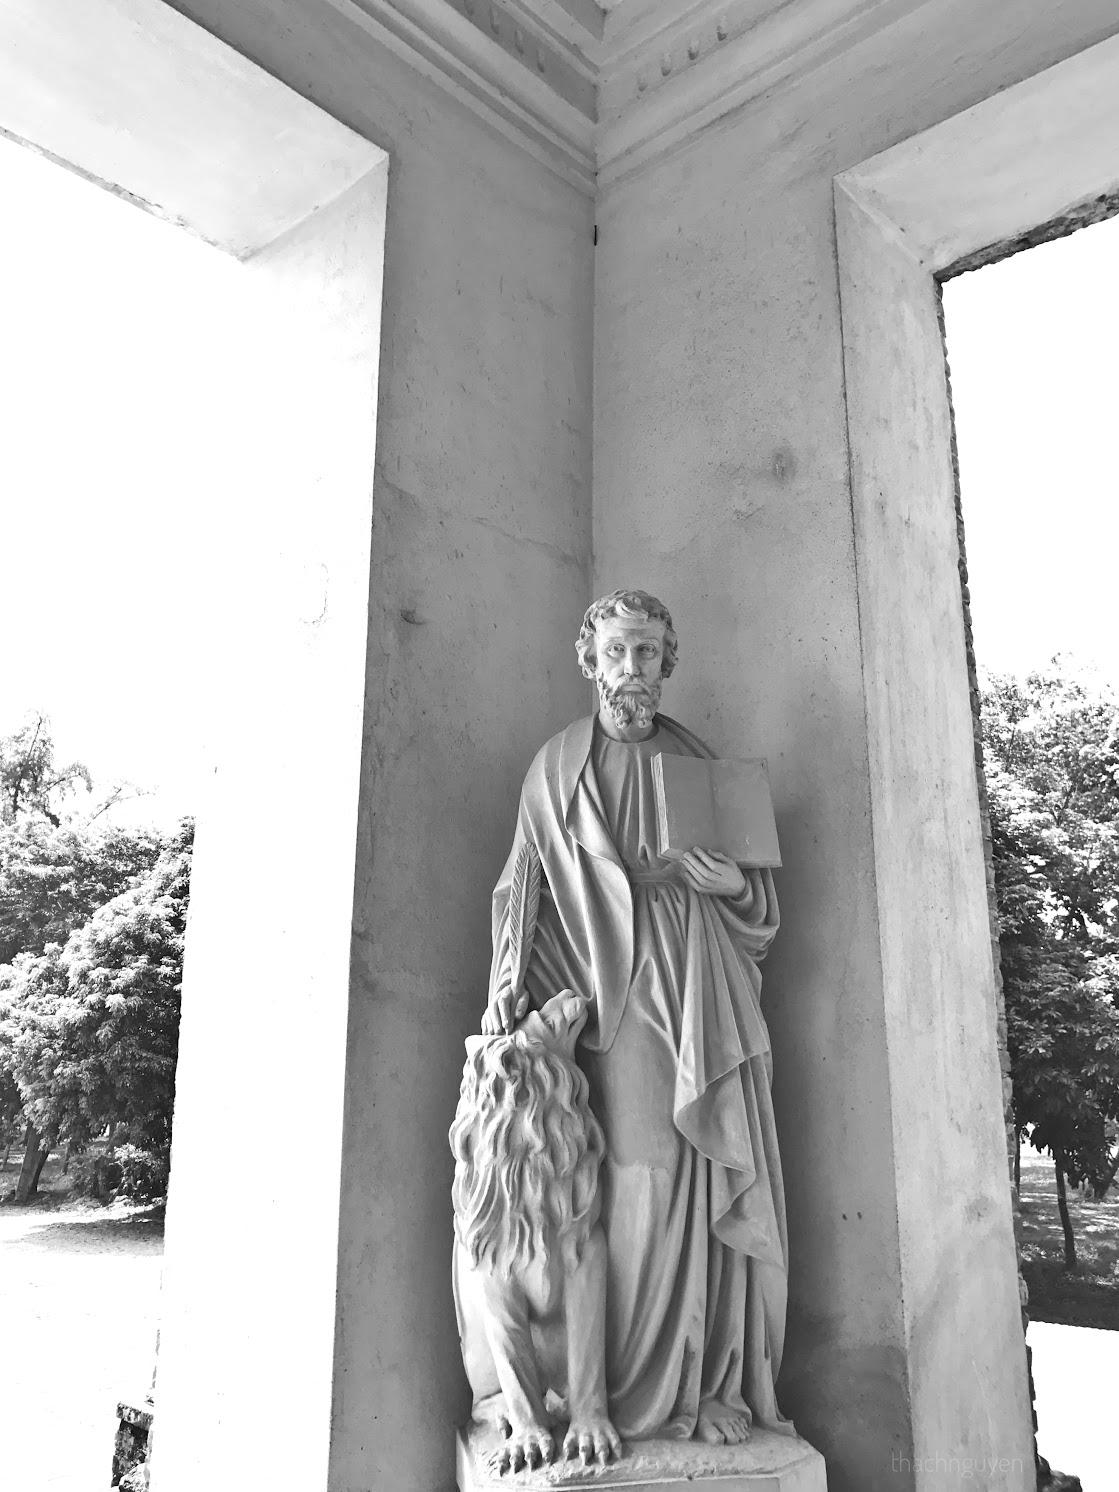 trước cửa đan viện châu sơn